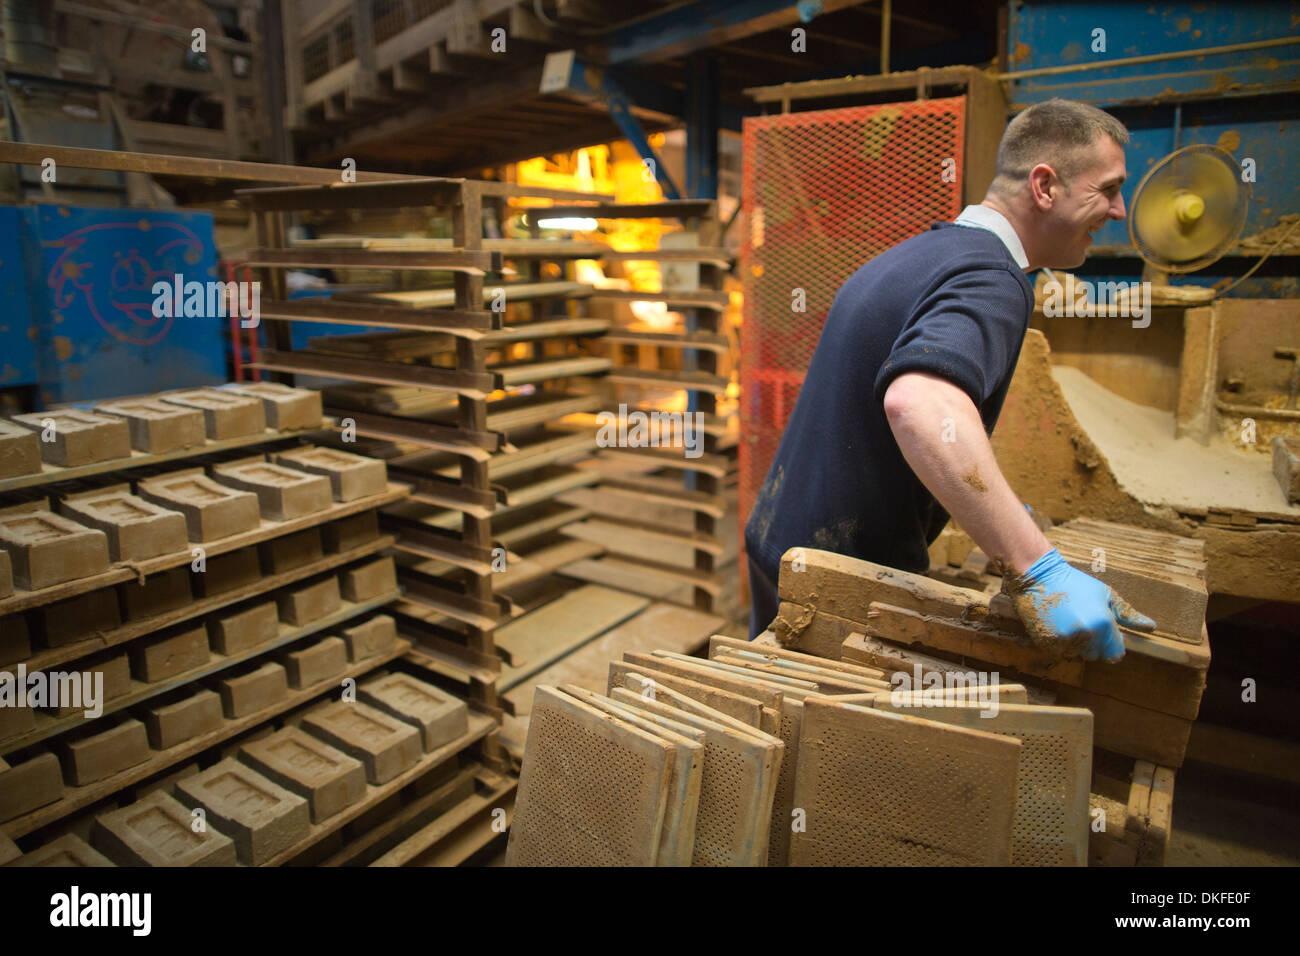 Bovingdon Brick manufacturers, Hertfordshire, England, UK - Stock Image